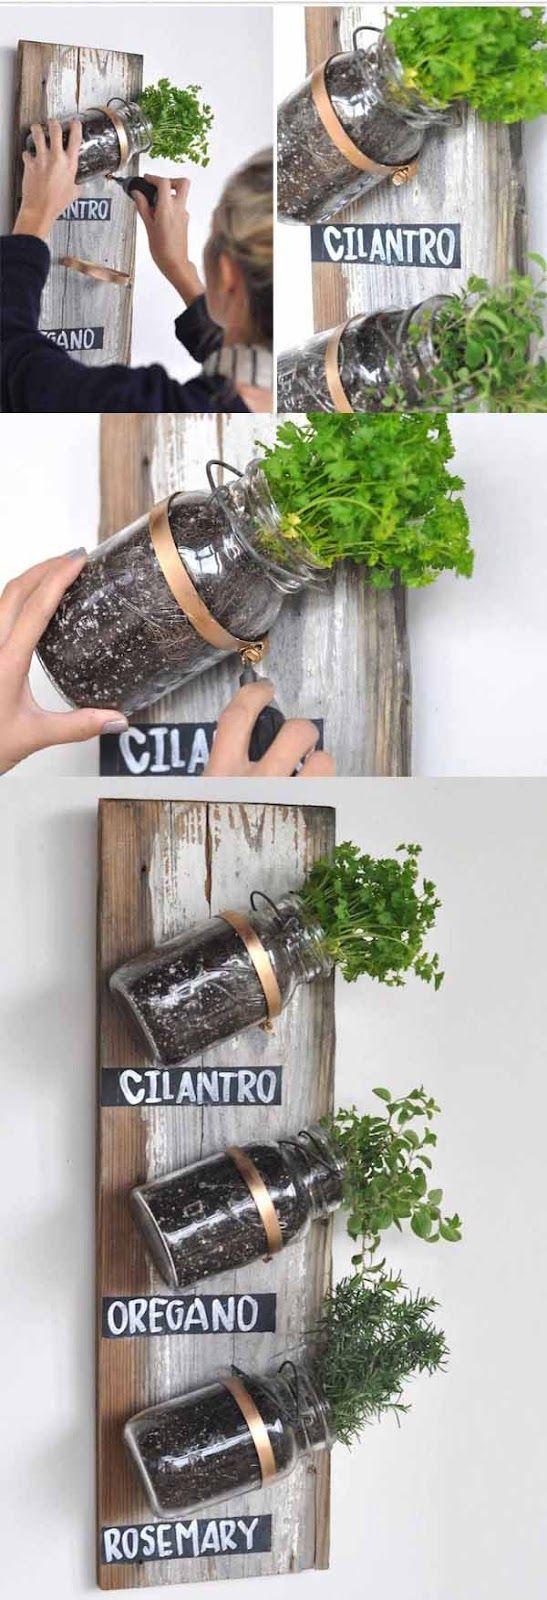 Kiva idea yrittien kasvatukseen. Nice idea for growing the herbs.